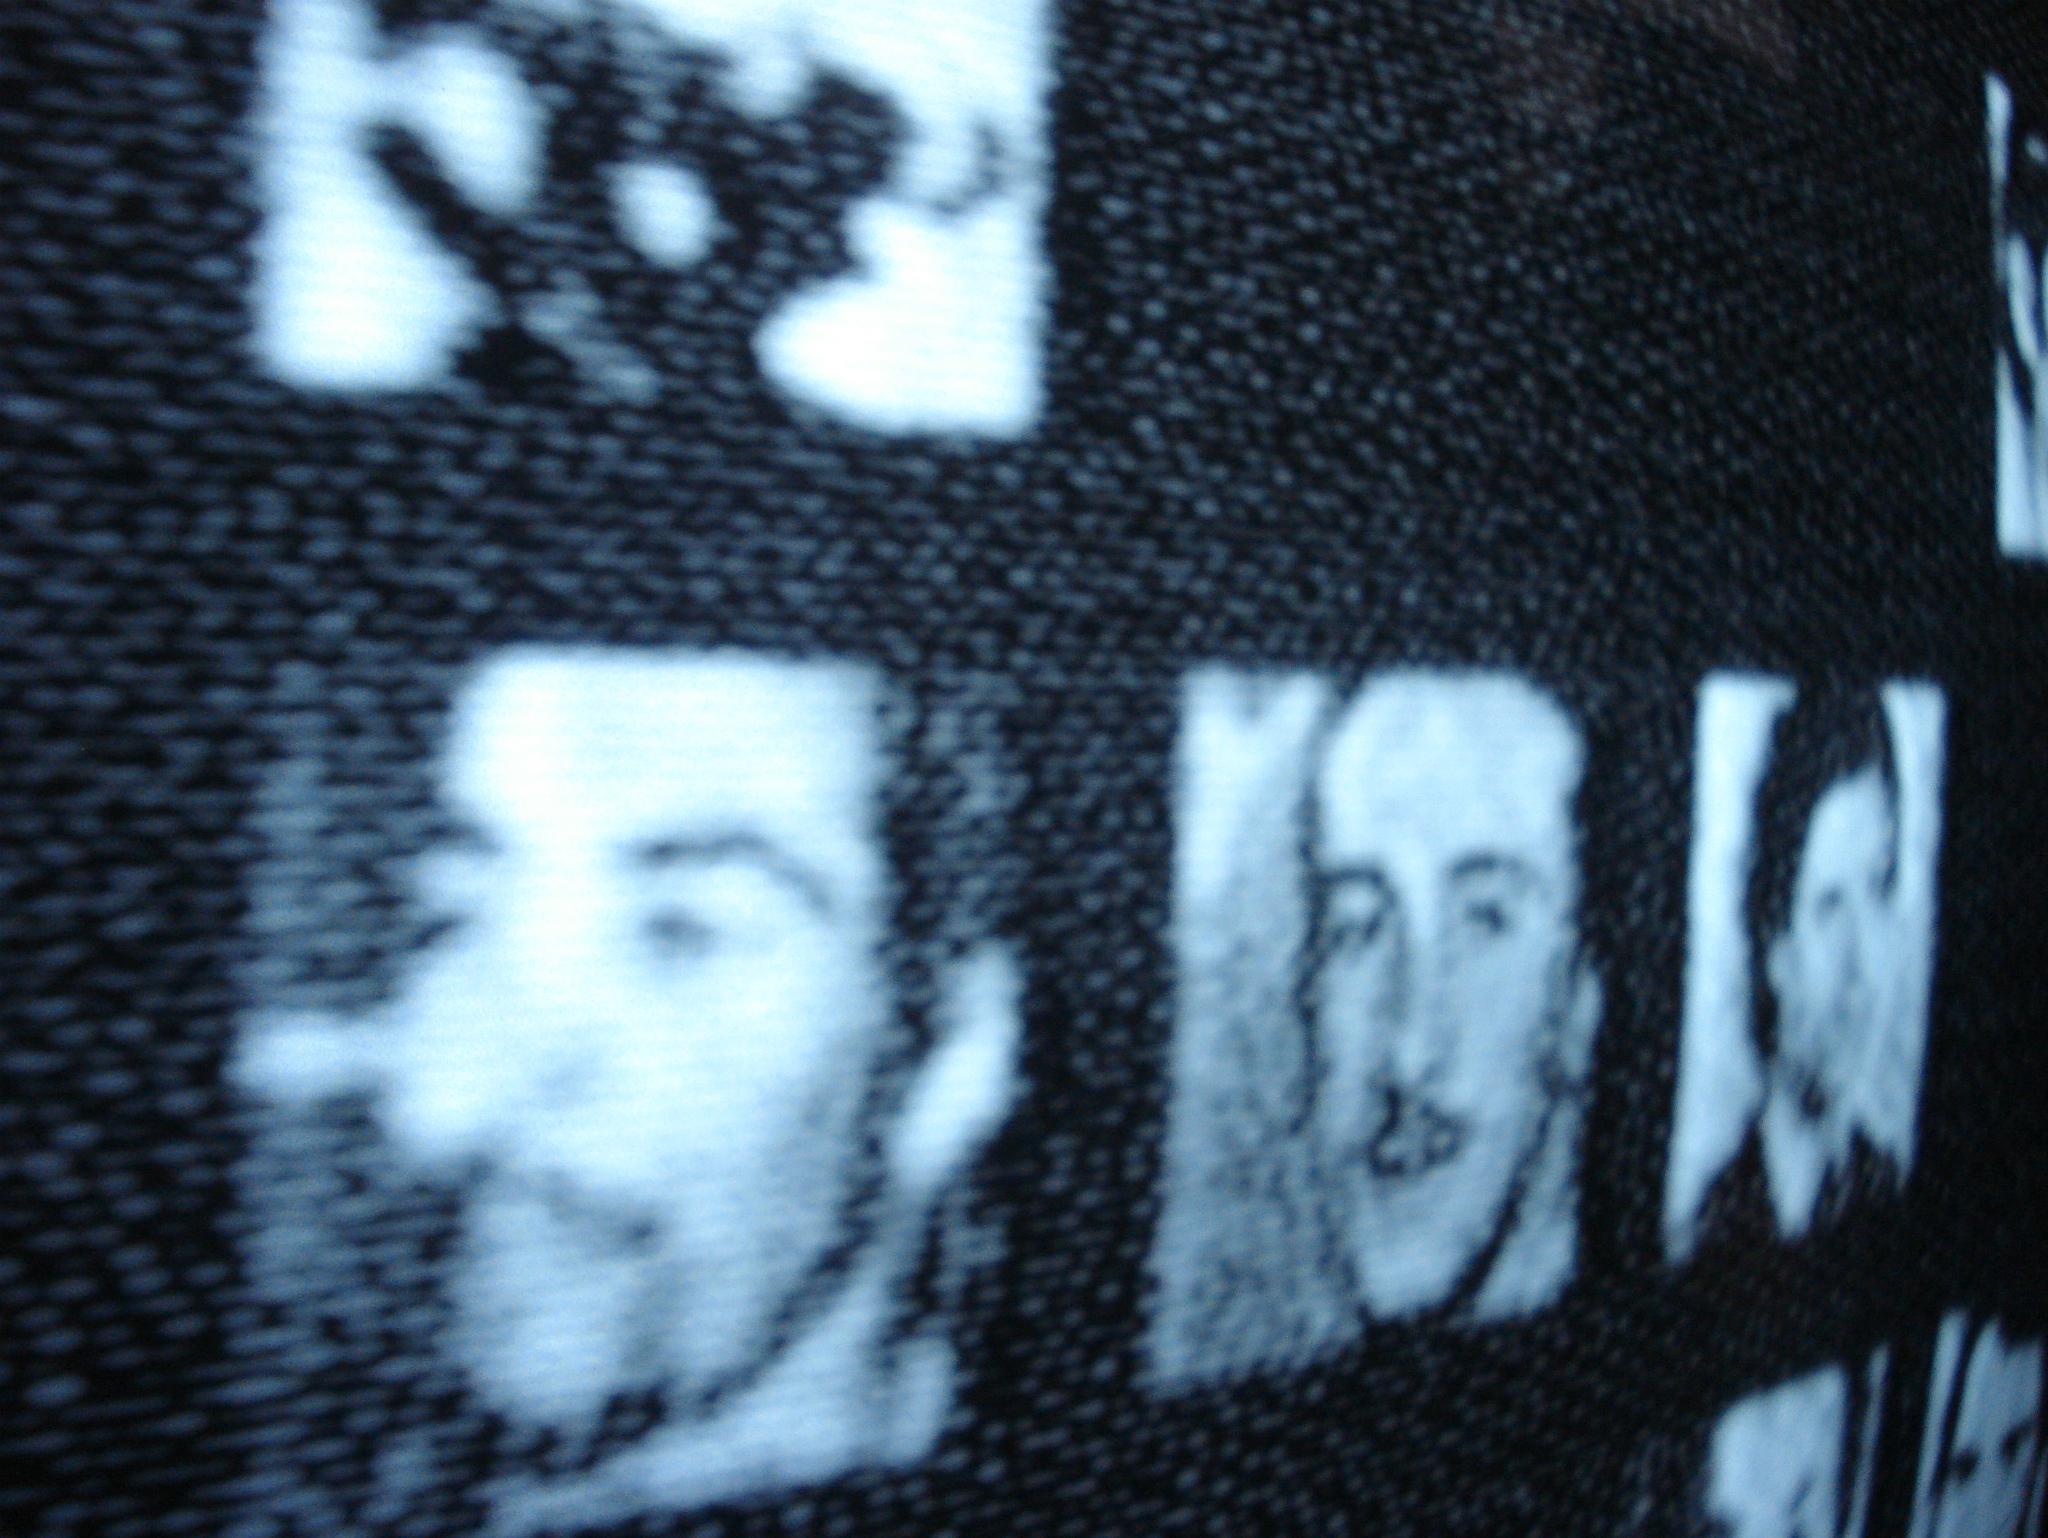 Coincidencias Narrativas (Foto: Leo Nuñez, Rostros. Instalación interactiva, televisión de cinescopio 70 ́s. 2006. Cortesía del artista)